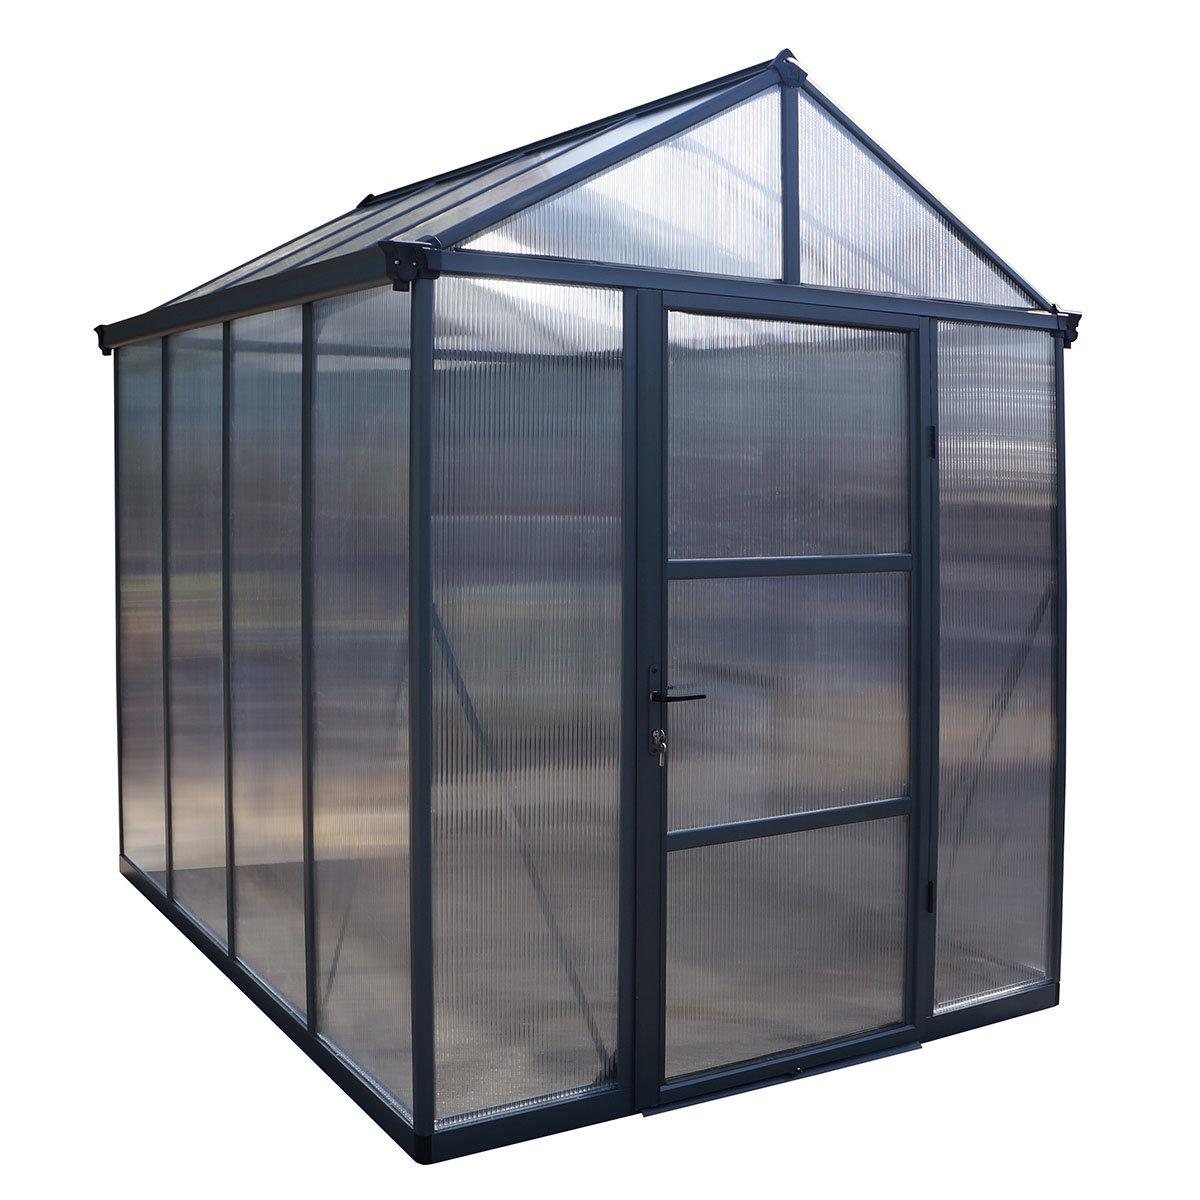 gew chshaus glory 6 x 8 39 online kaufen bei g rtner p tschke. Black Bedroom Furniture Sets. Home Design Ideas